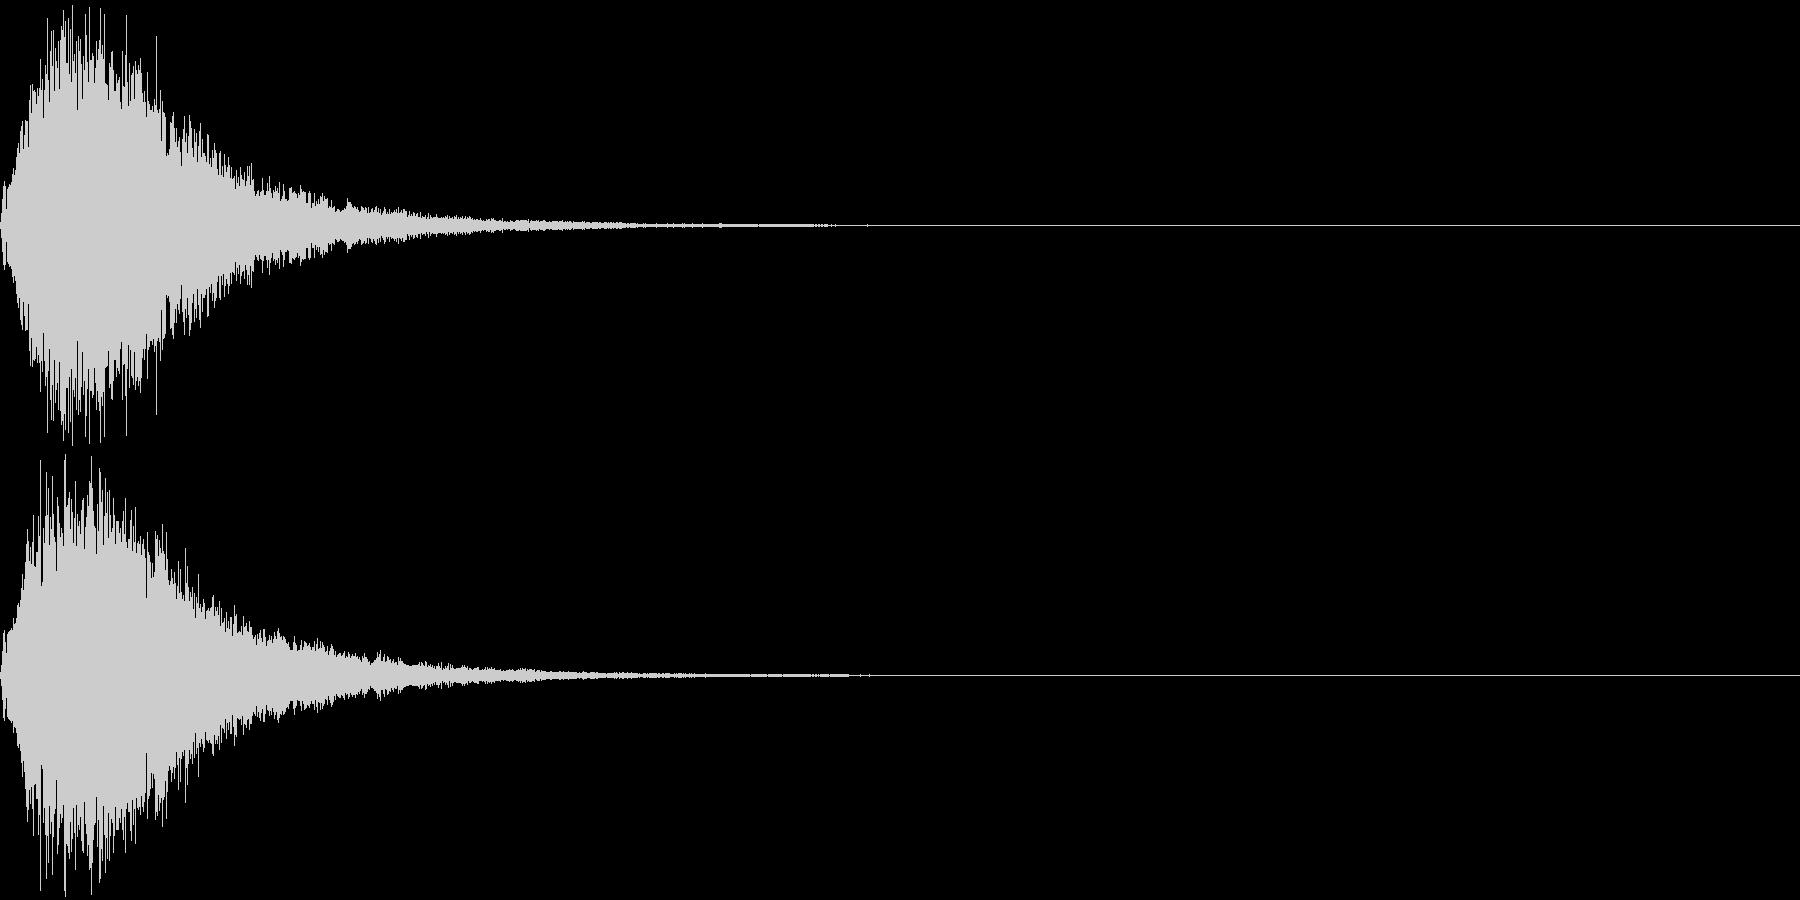 魔法 キラキラ 回復 ヒール系15の未再生の波形